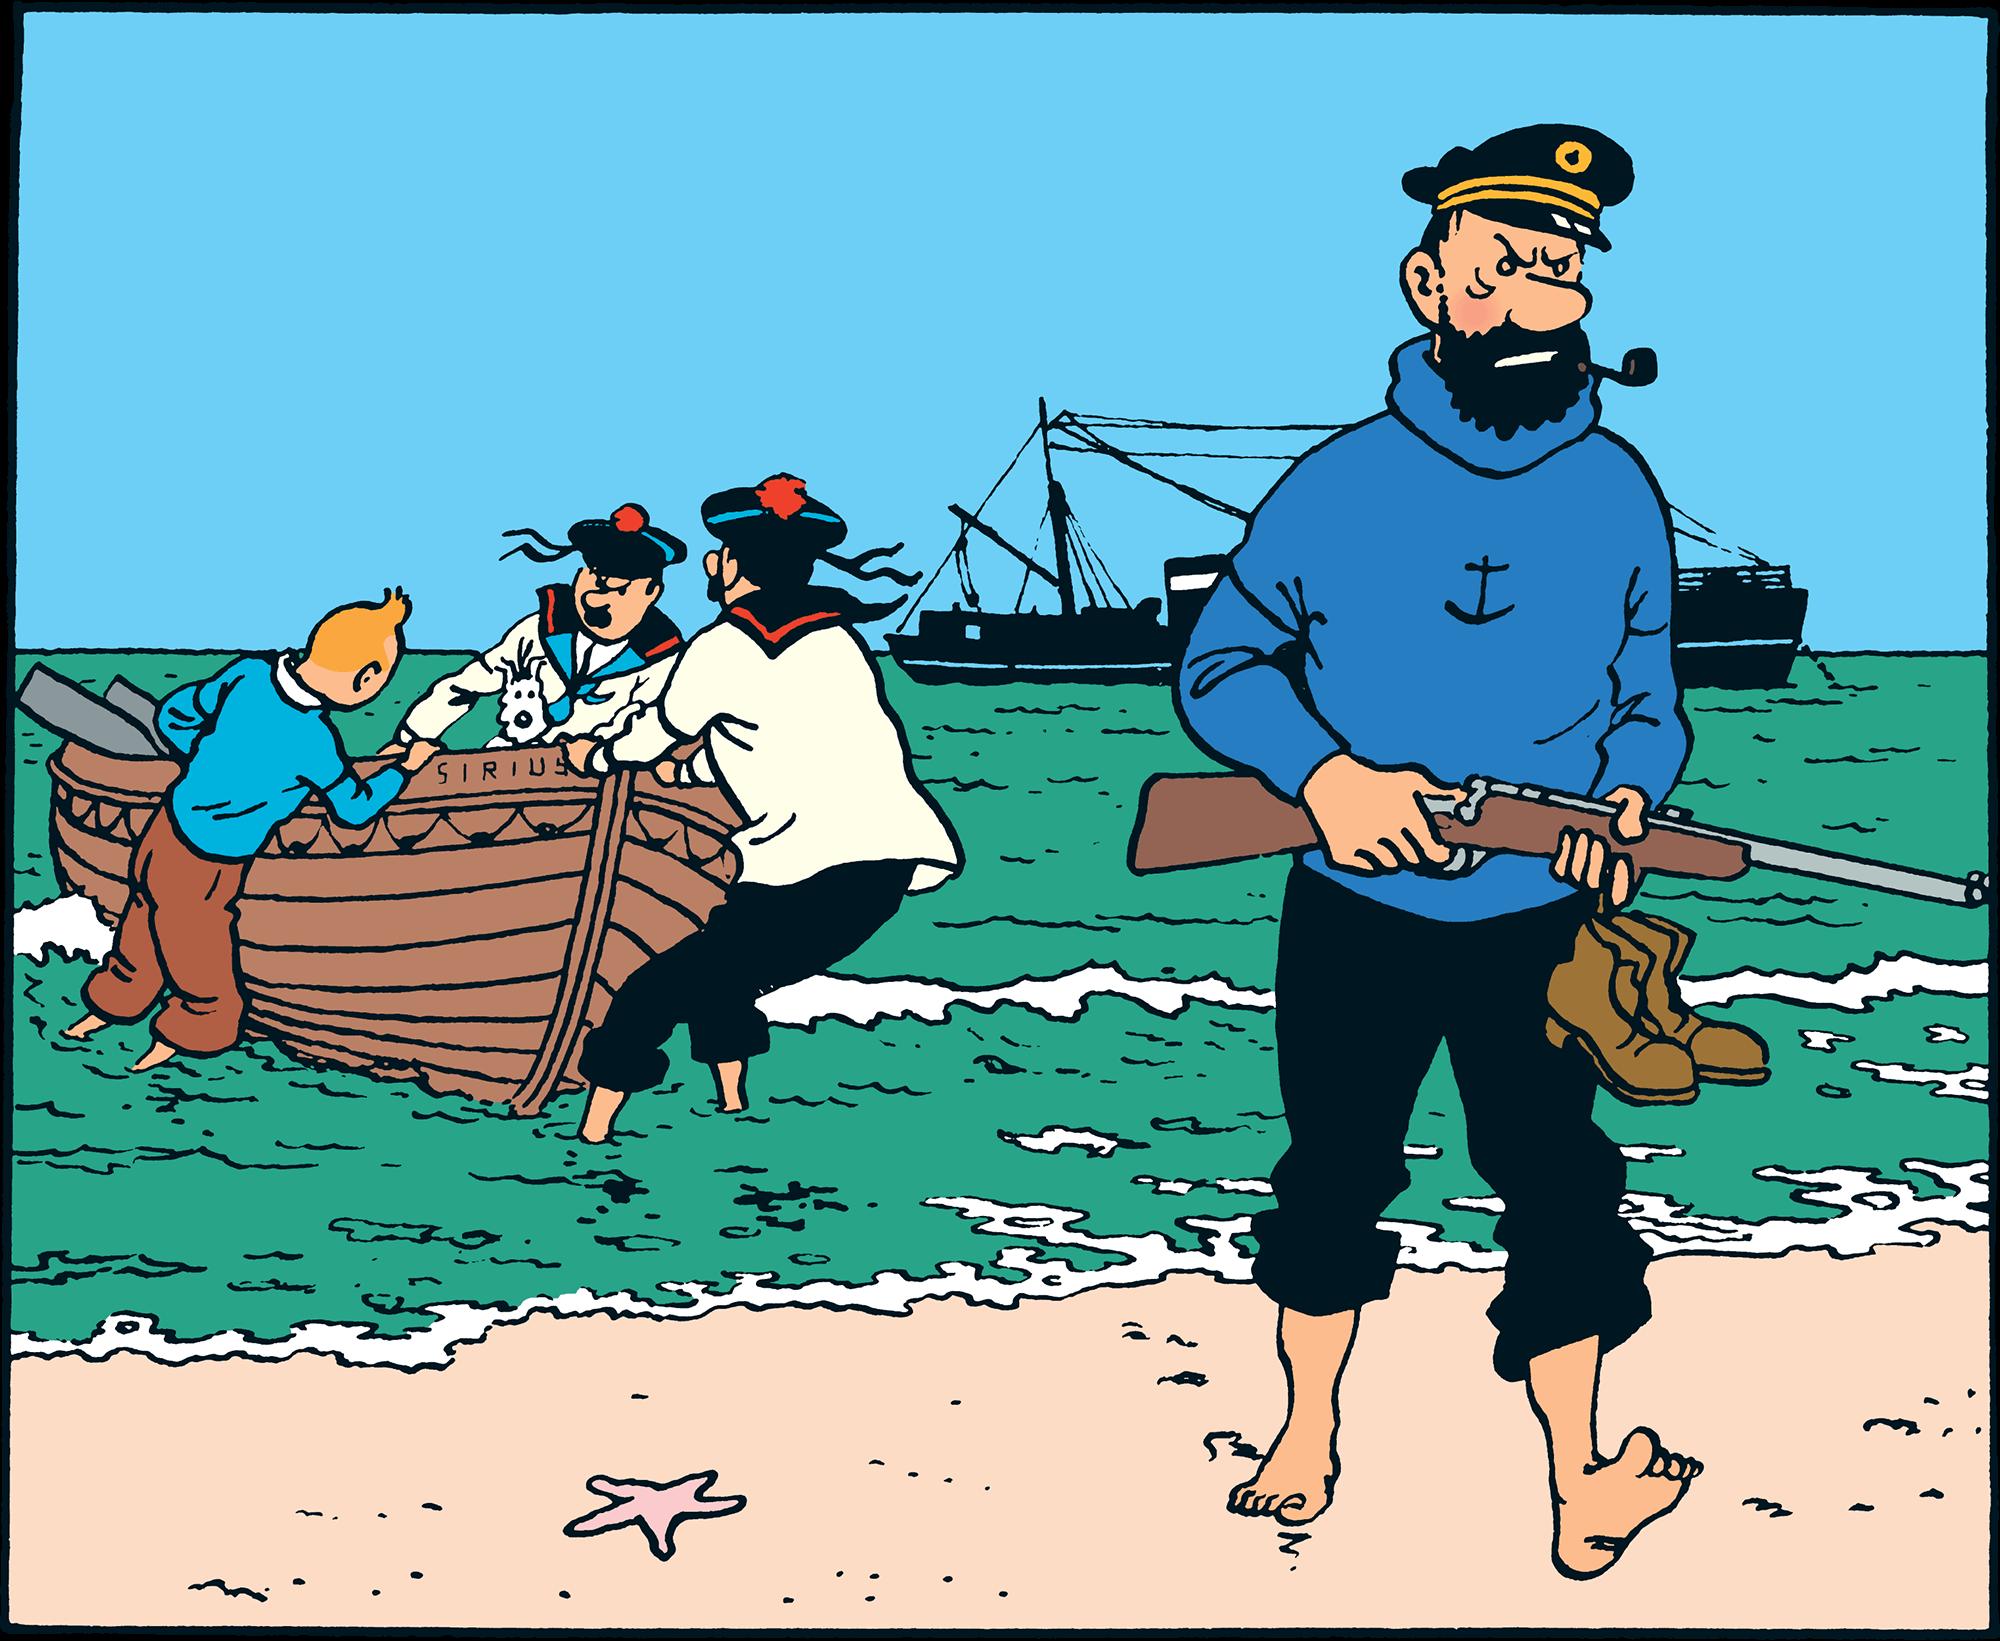 Le Trésor de Rackham Le Rouge, Haddock débarque sur la plage